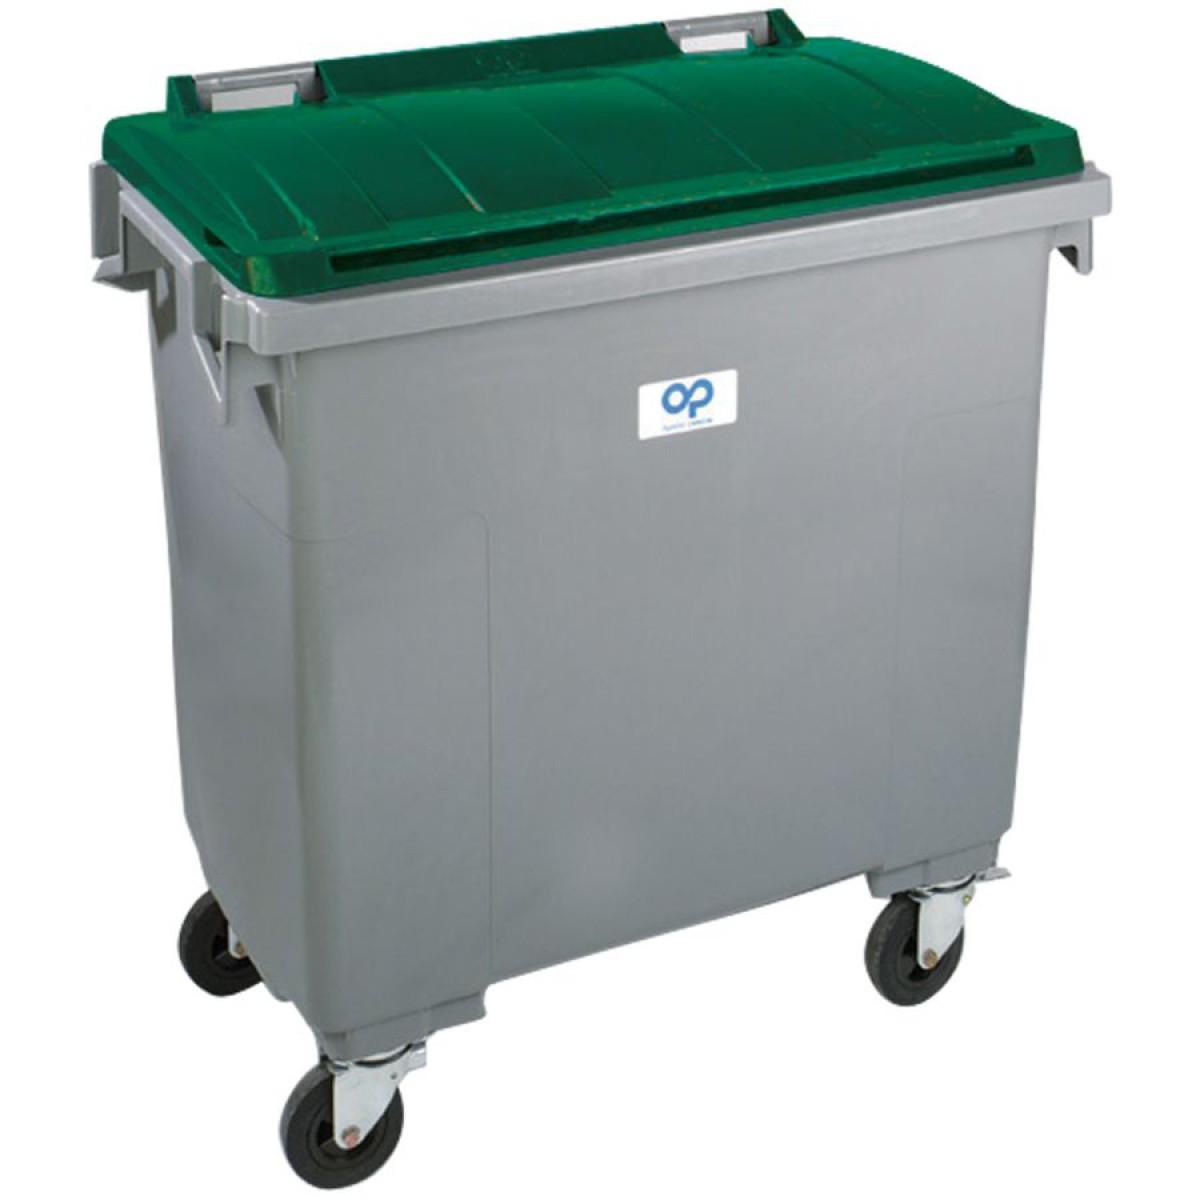 conteneur plastique gris vert 4 roues 770 l hse center. Black Bedroom Furniture Sets. Home Design Ideas